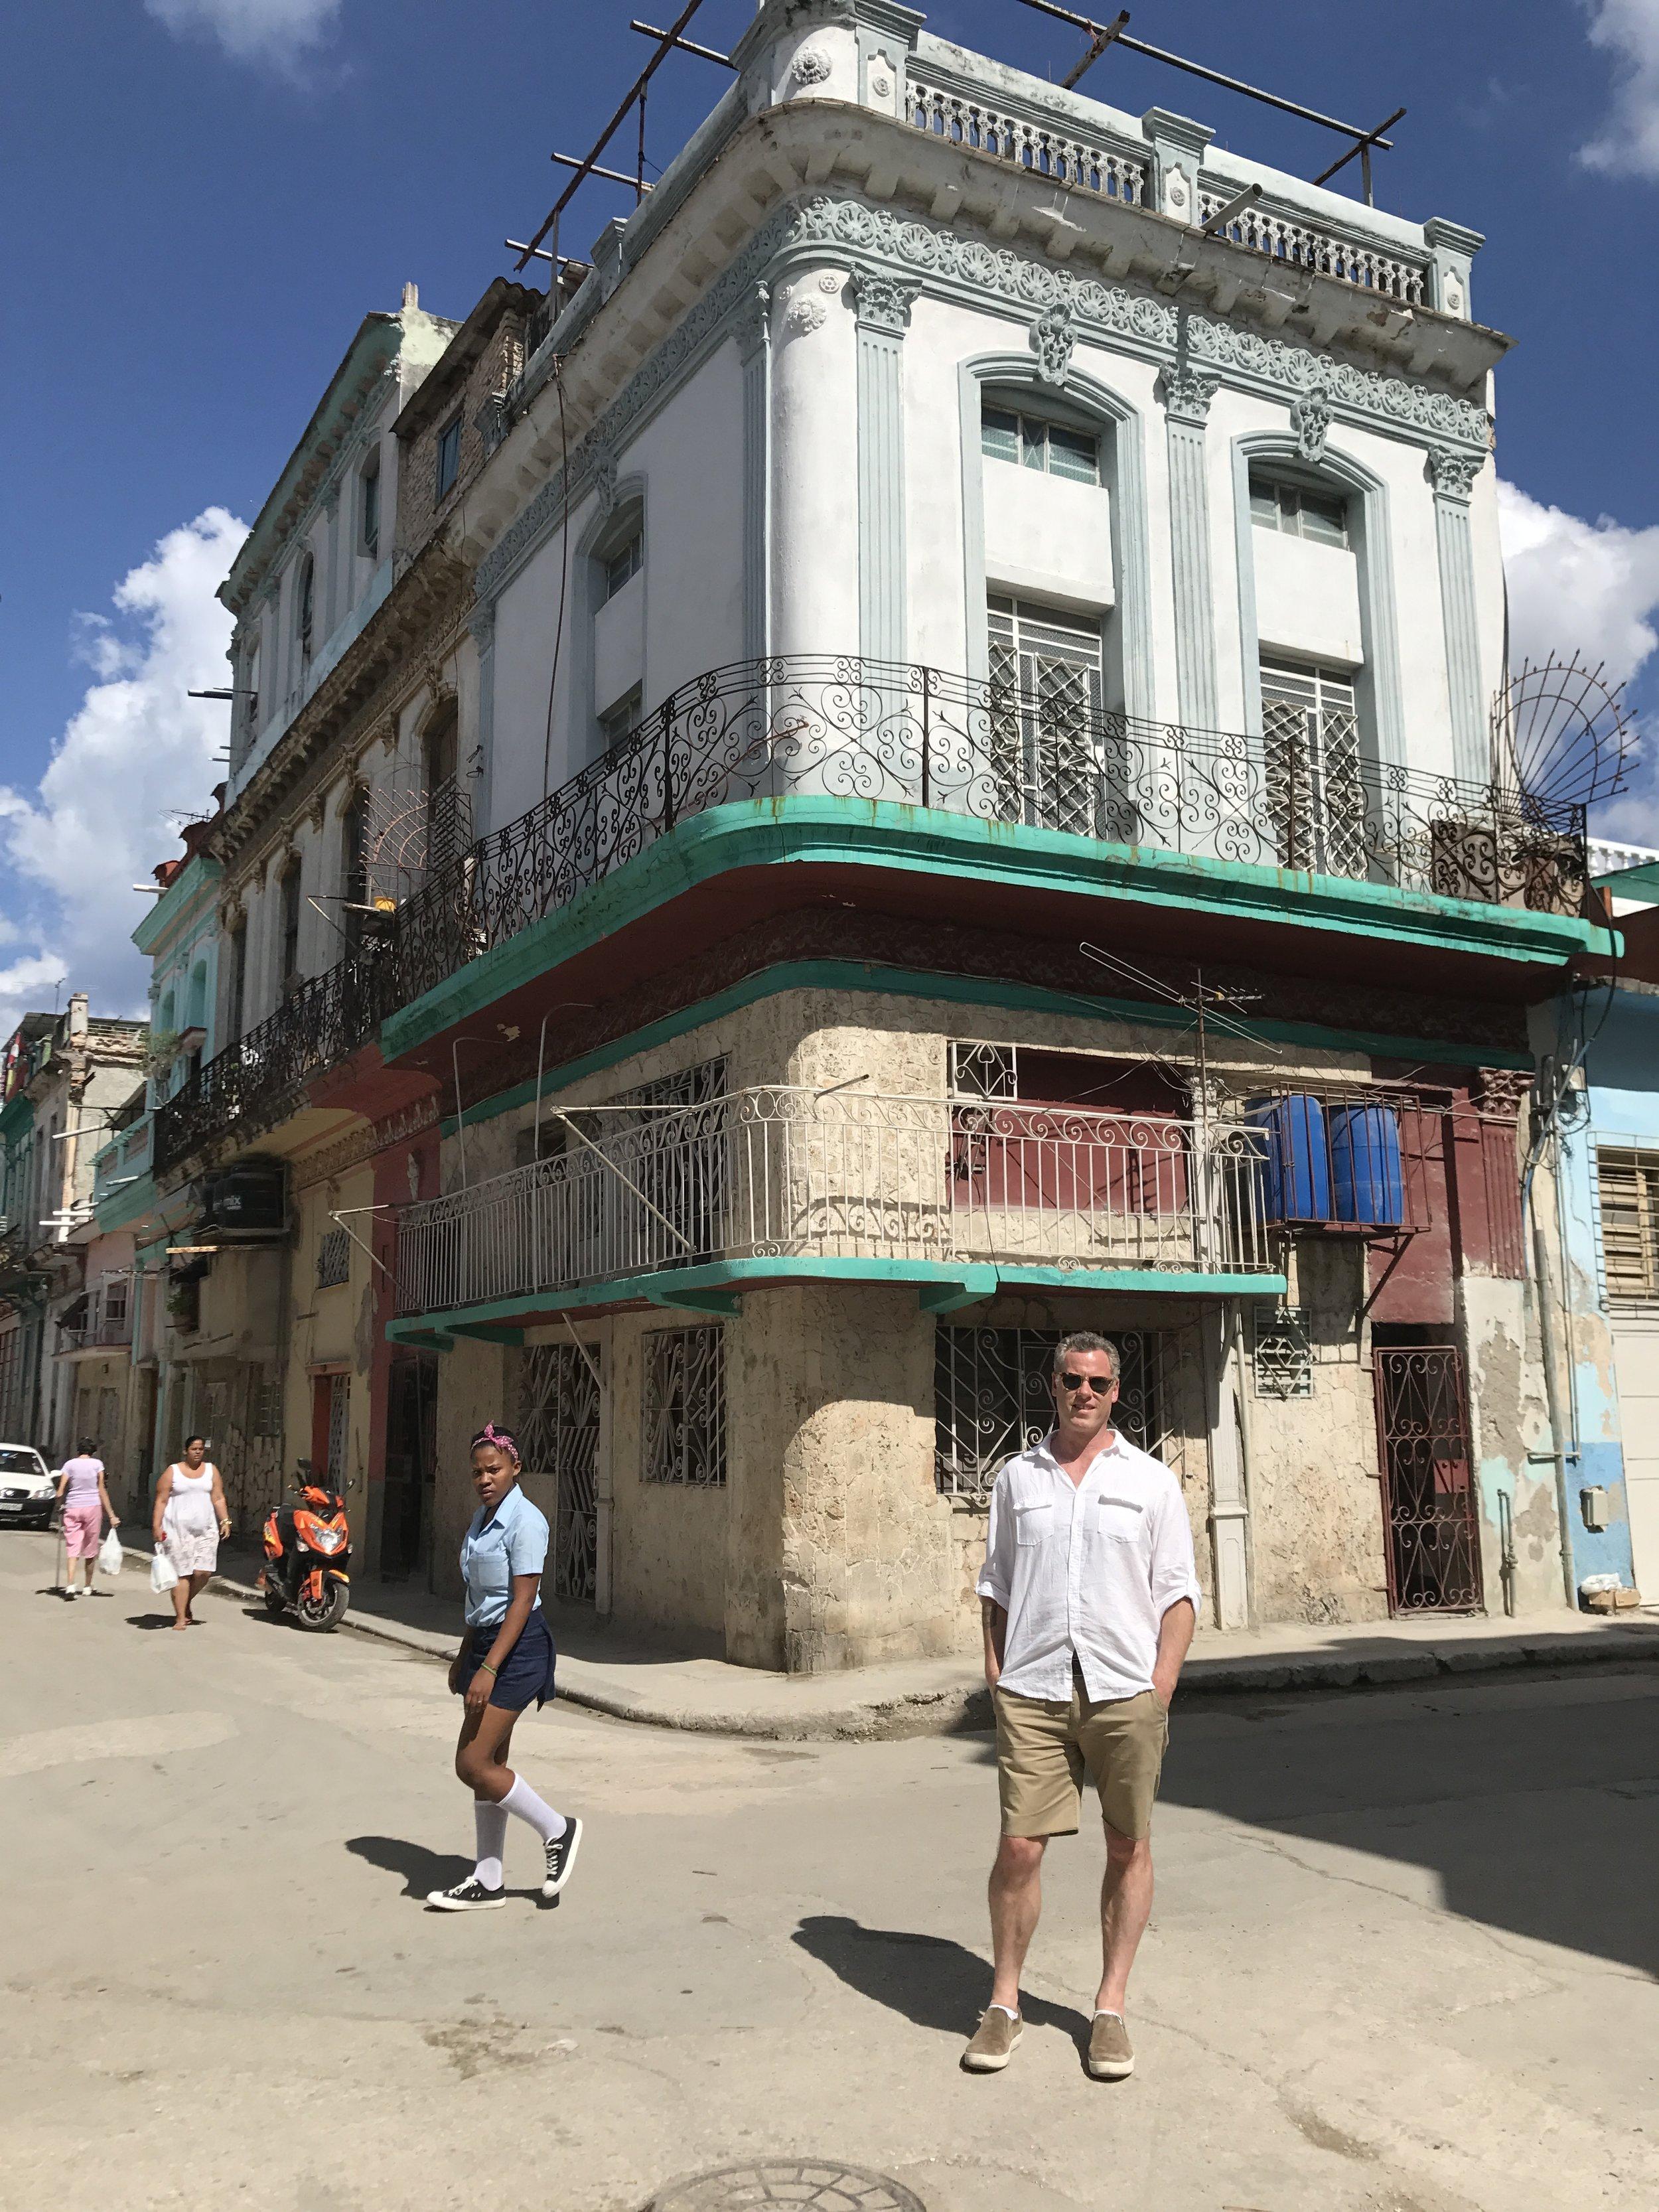 - Ian in Havana, Cuba